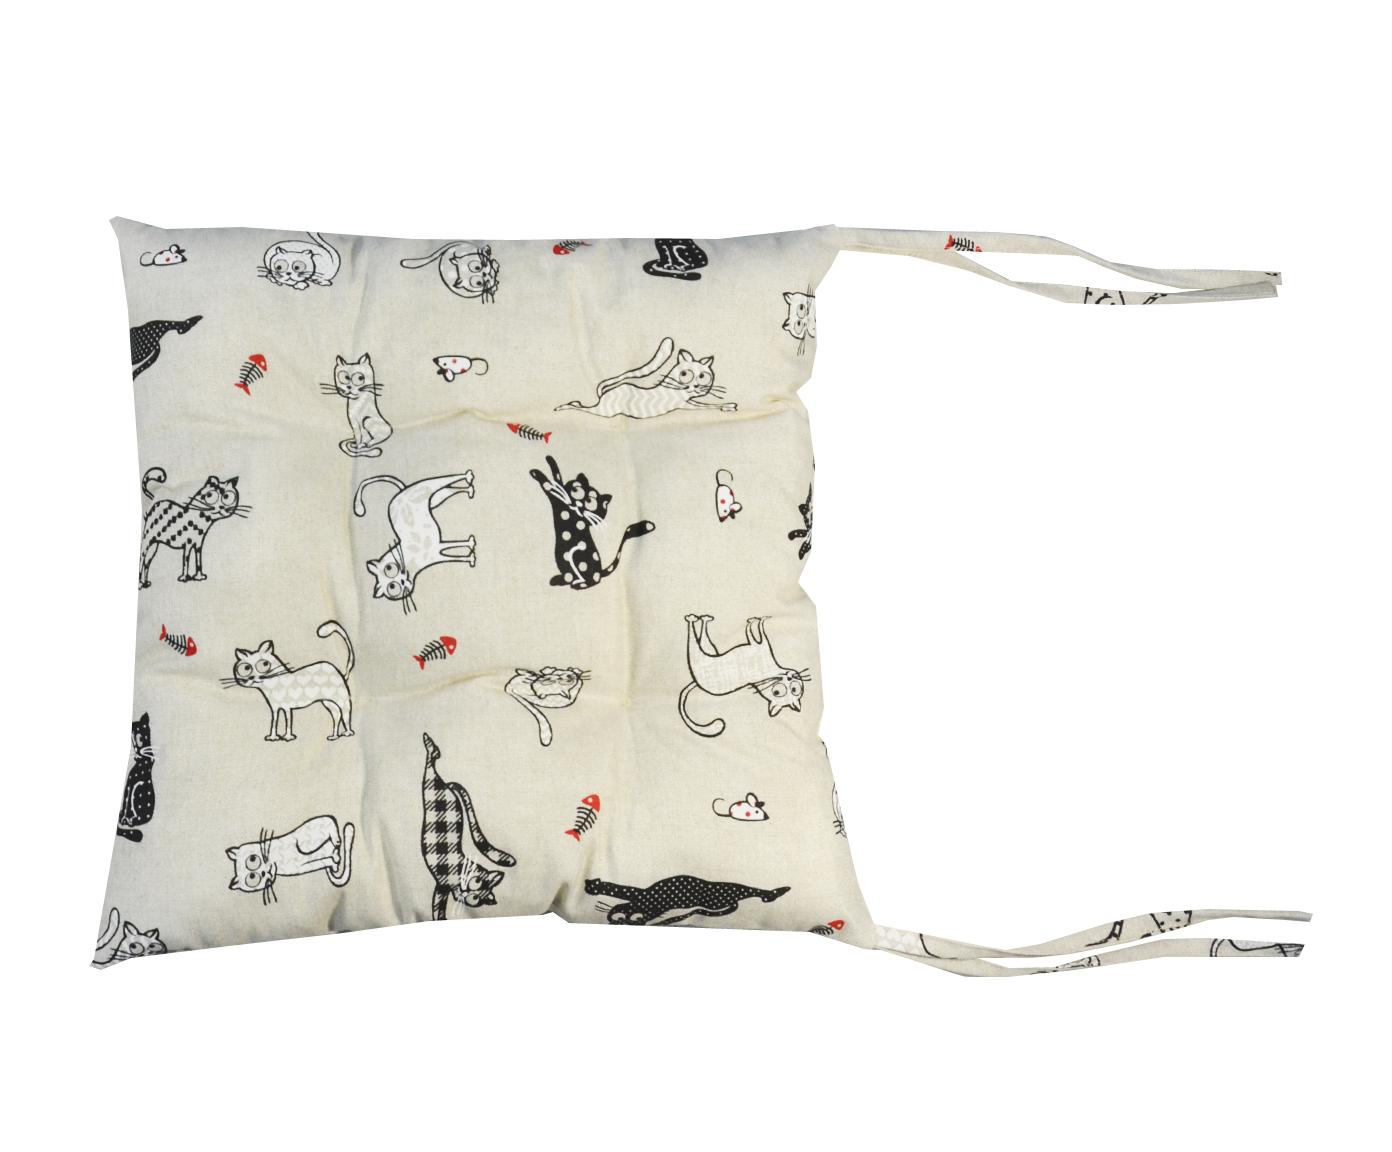 Подушка для стула CatsКвадратные подушки<br>Декоративная  подушка .Чехол съемный.<br><br>Material: Хлопок<br>Length см: None<br>Width см: 43<br>Depth см: 15<br>Height см: 43